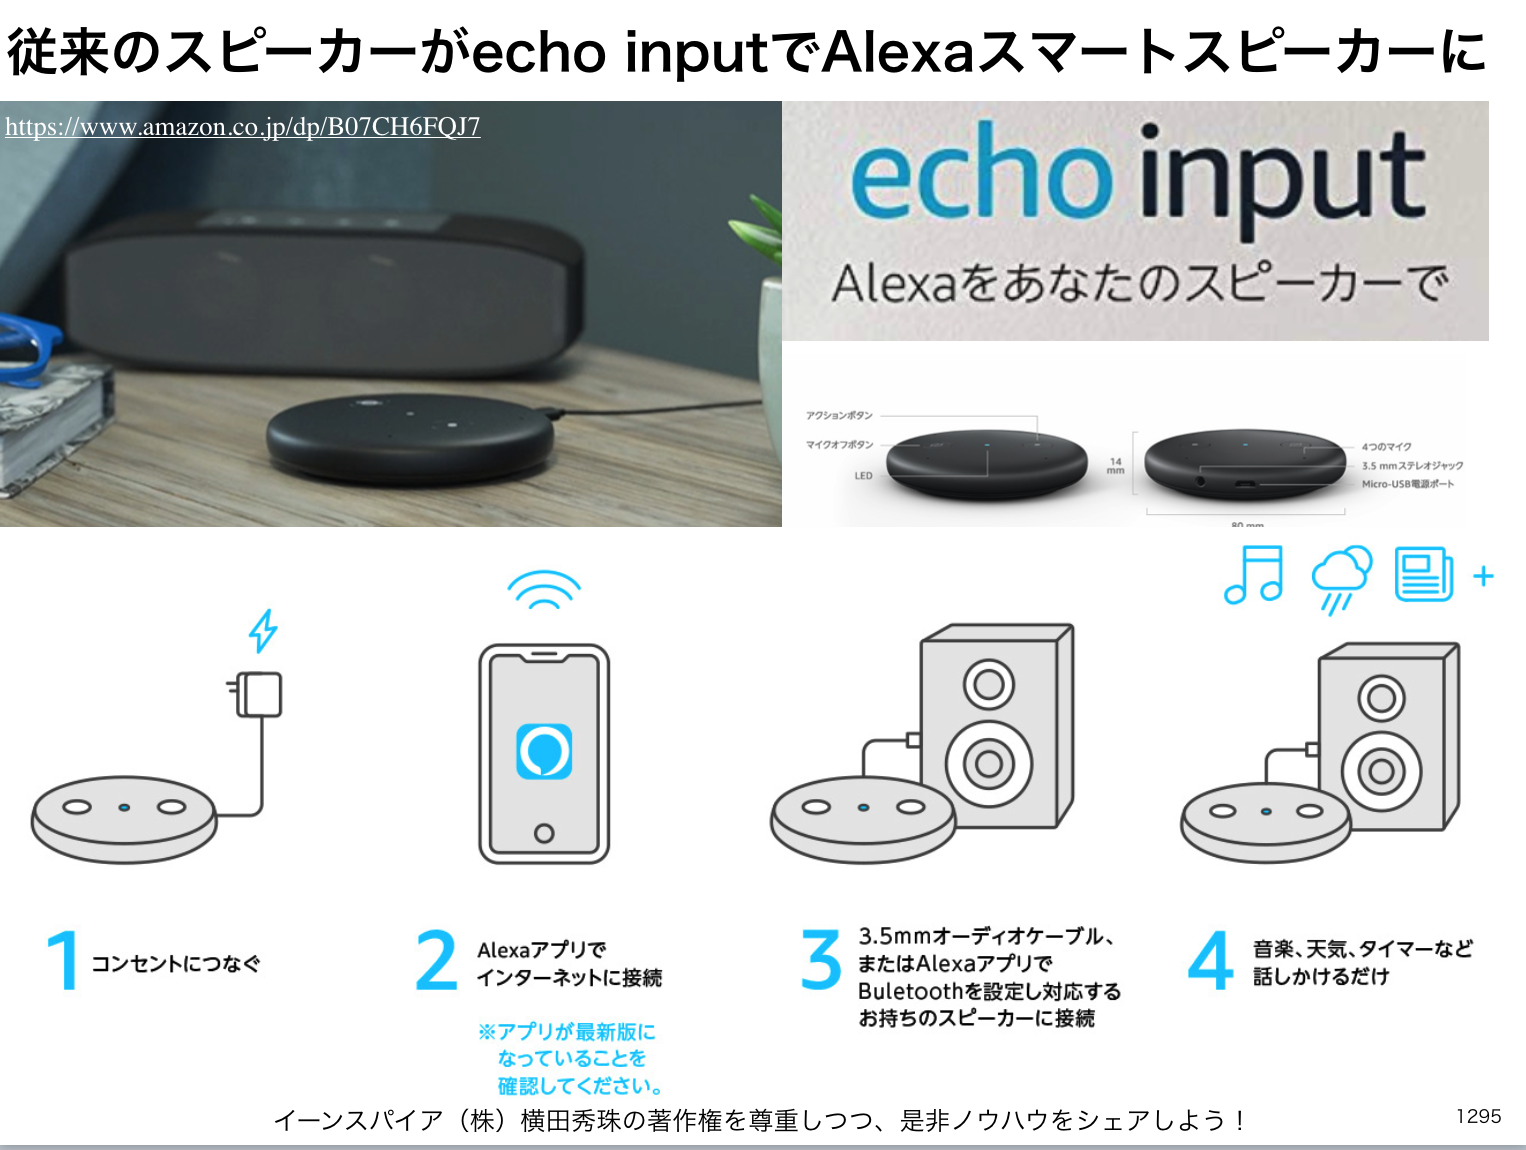 従来のがAmazon echo inputでAlexaスマートスピーカーに